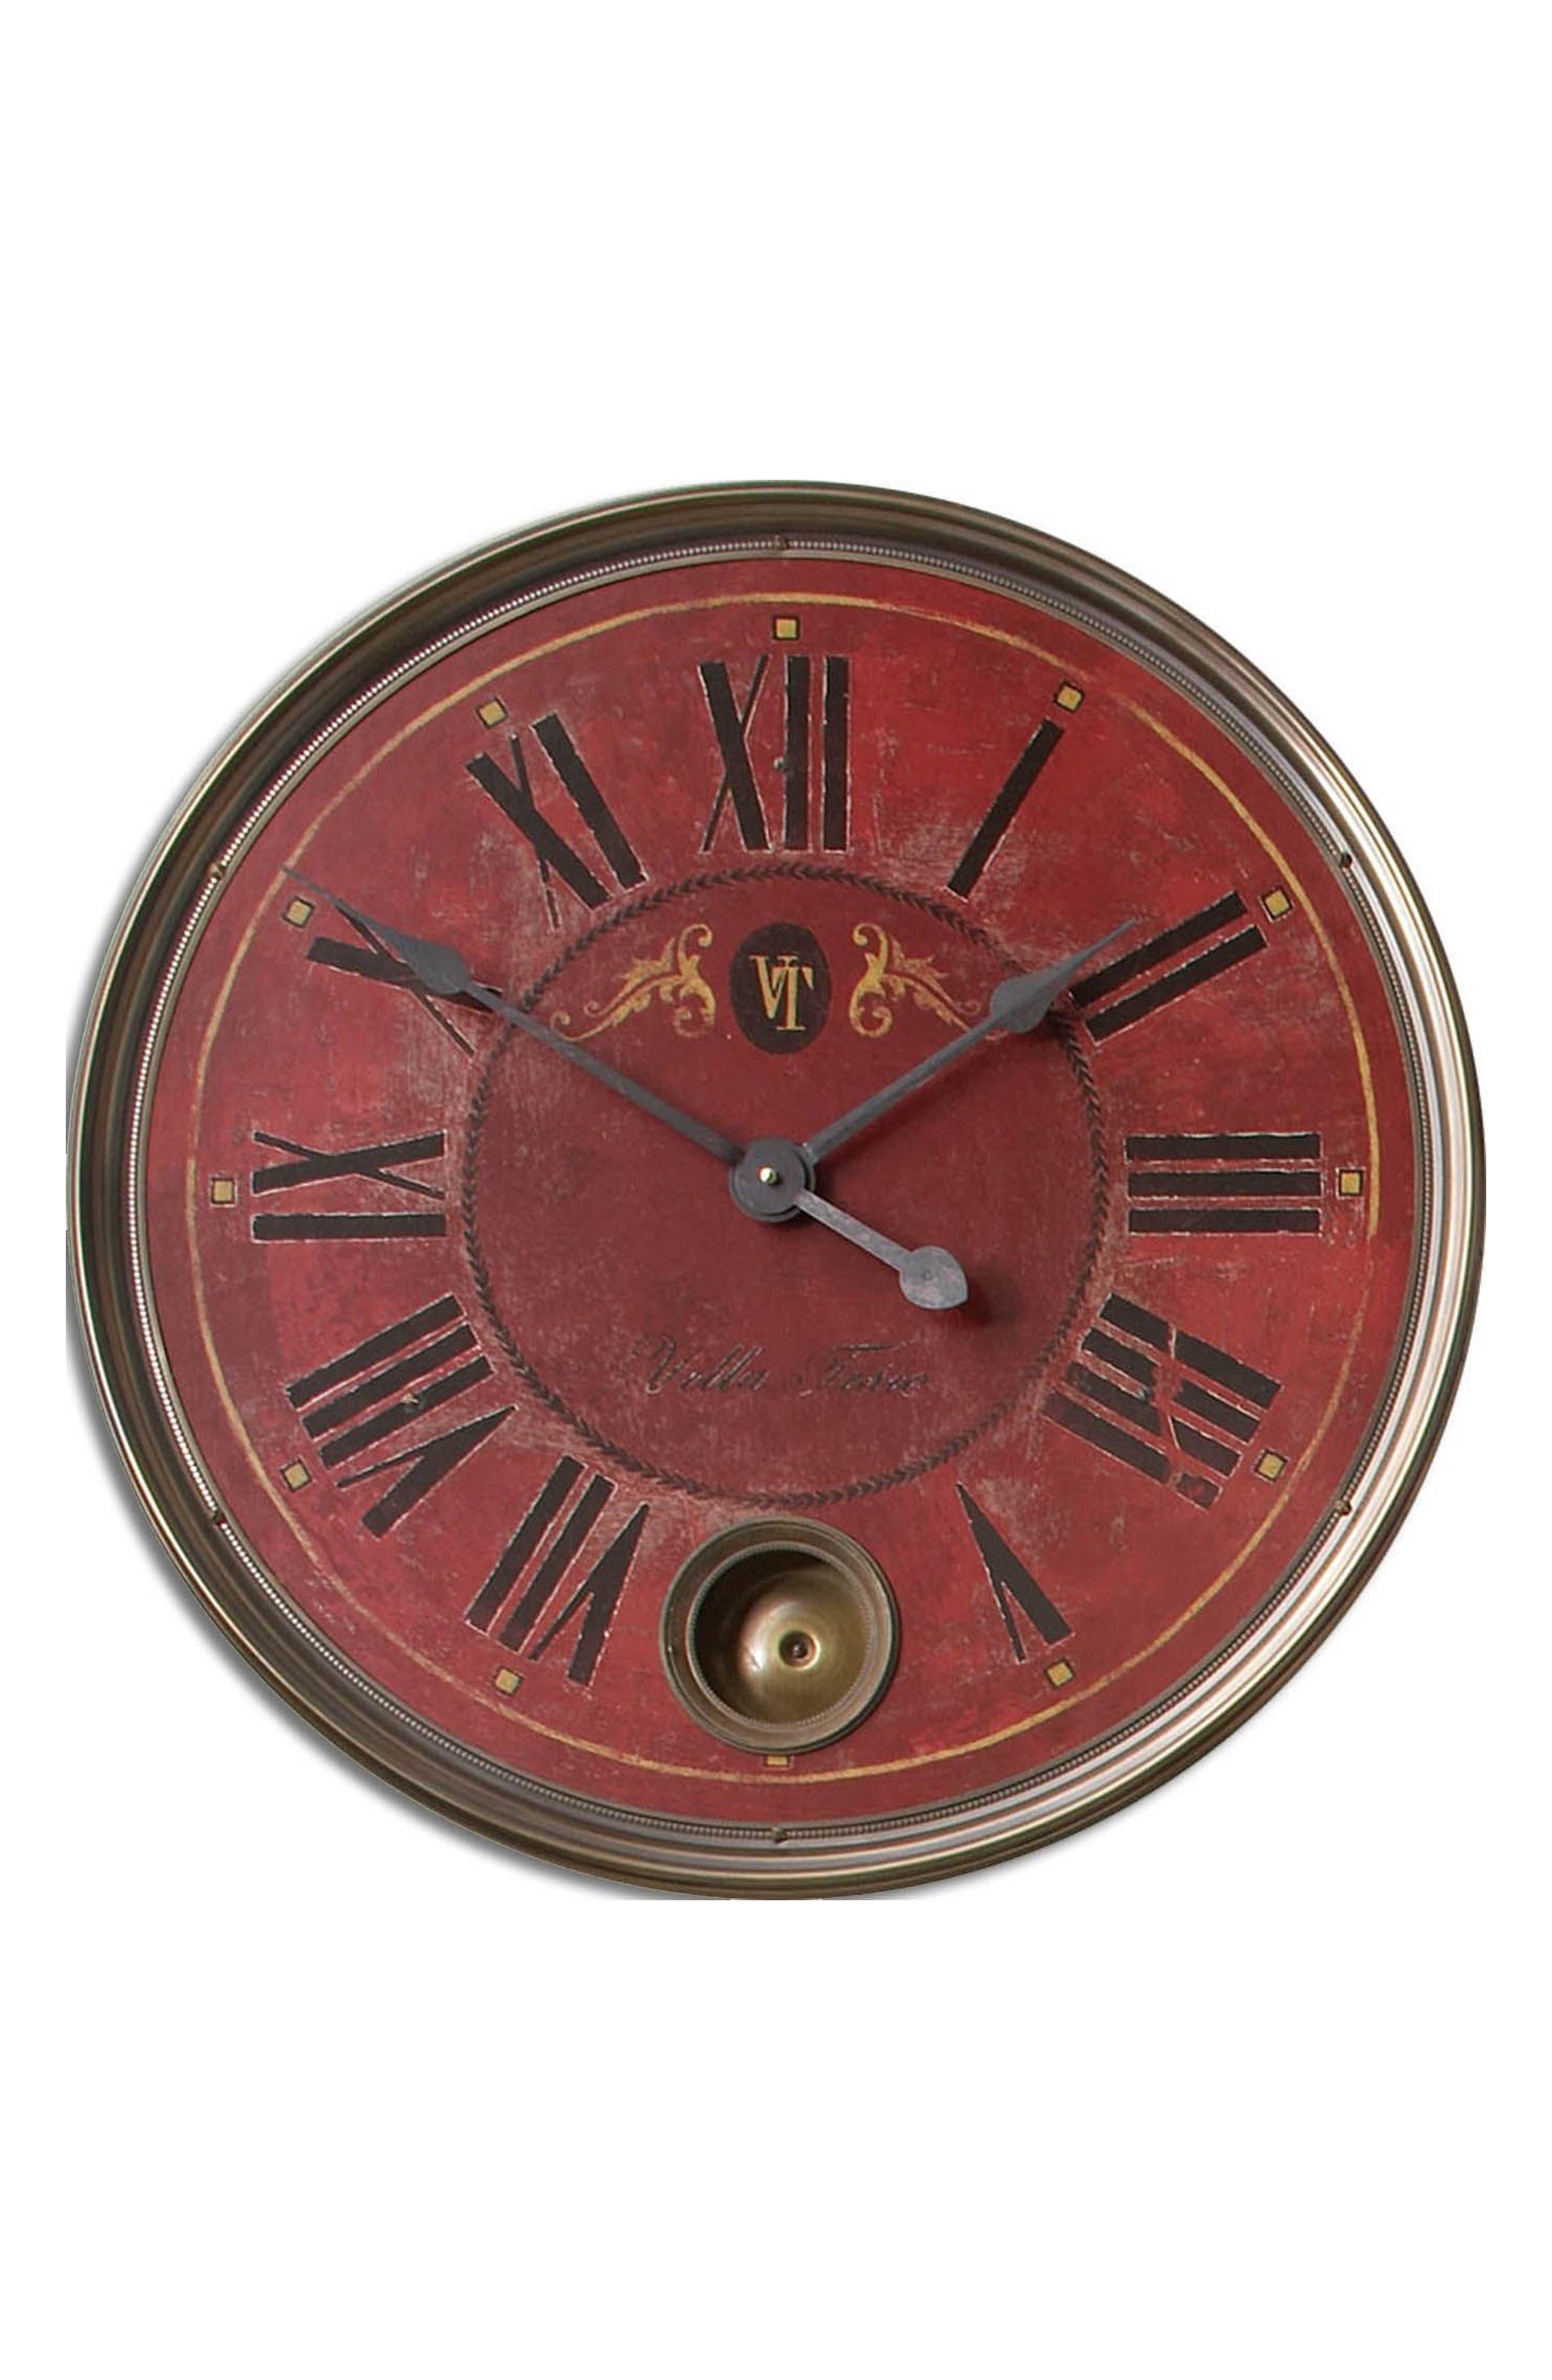 Main Image - Uttermost Regency Villa Wall Clock